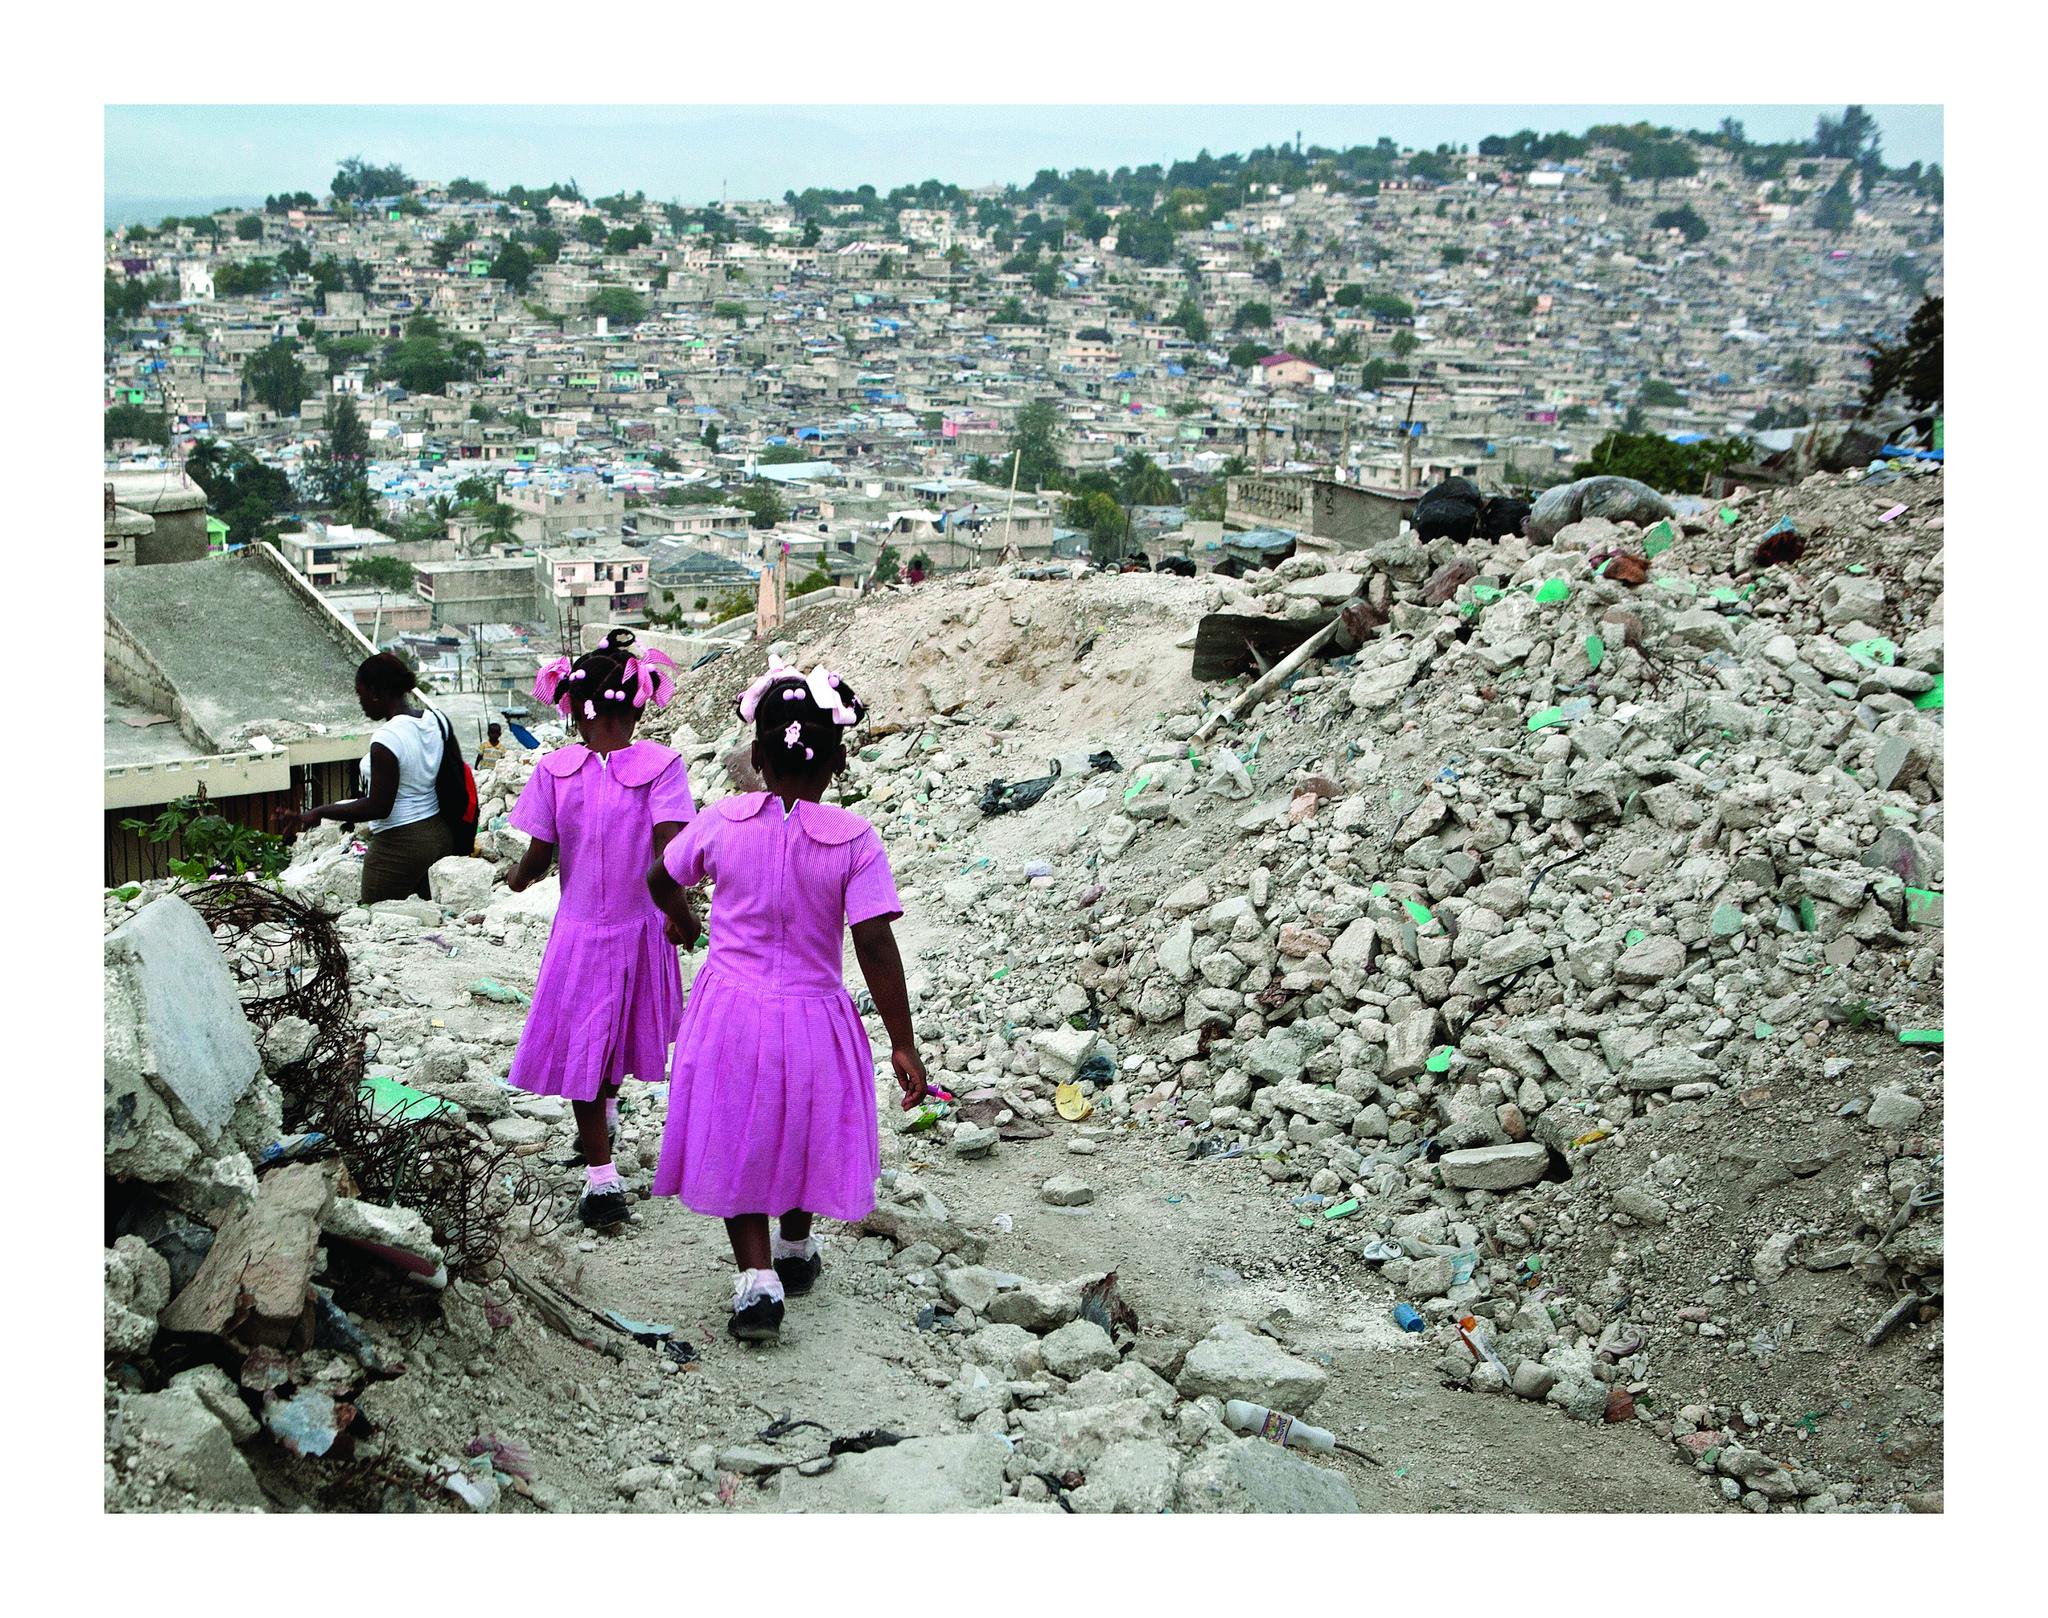 Haiti 1 an après